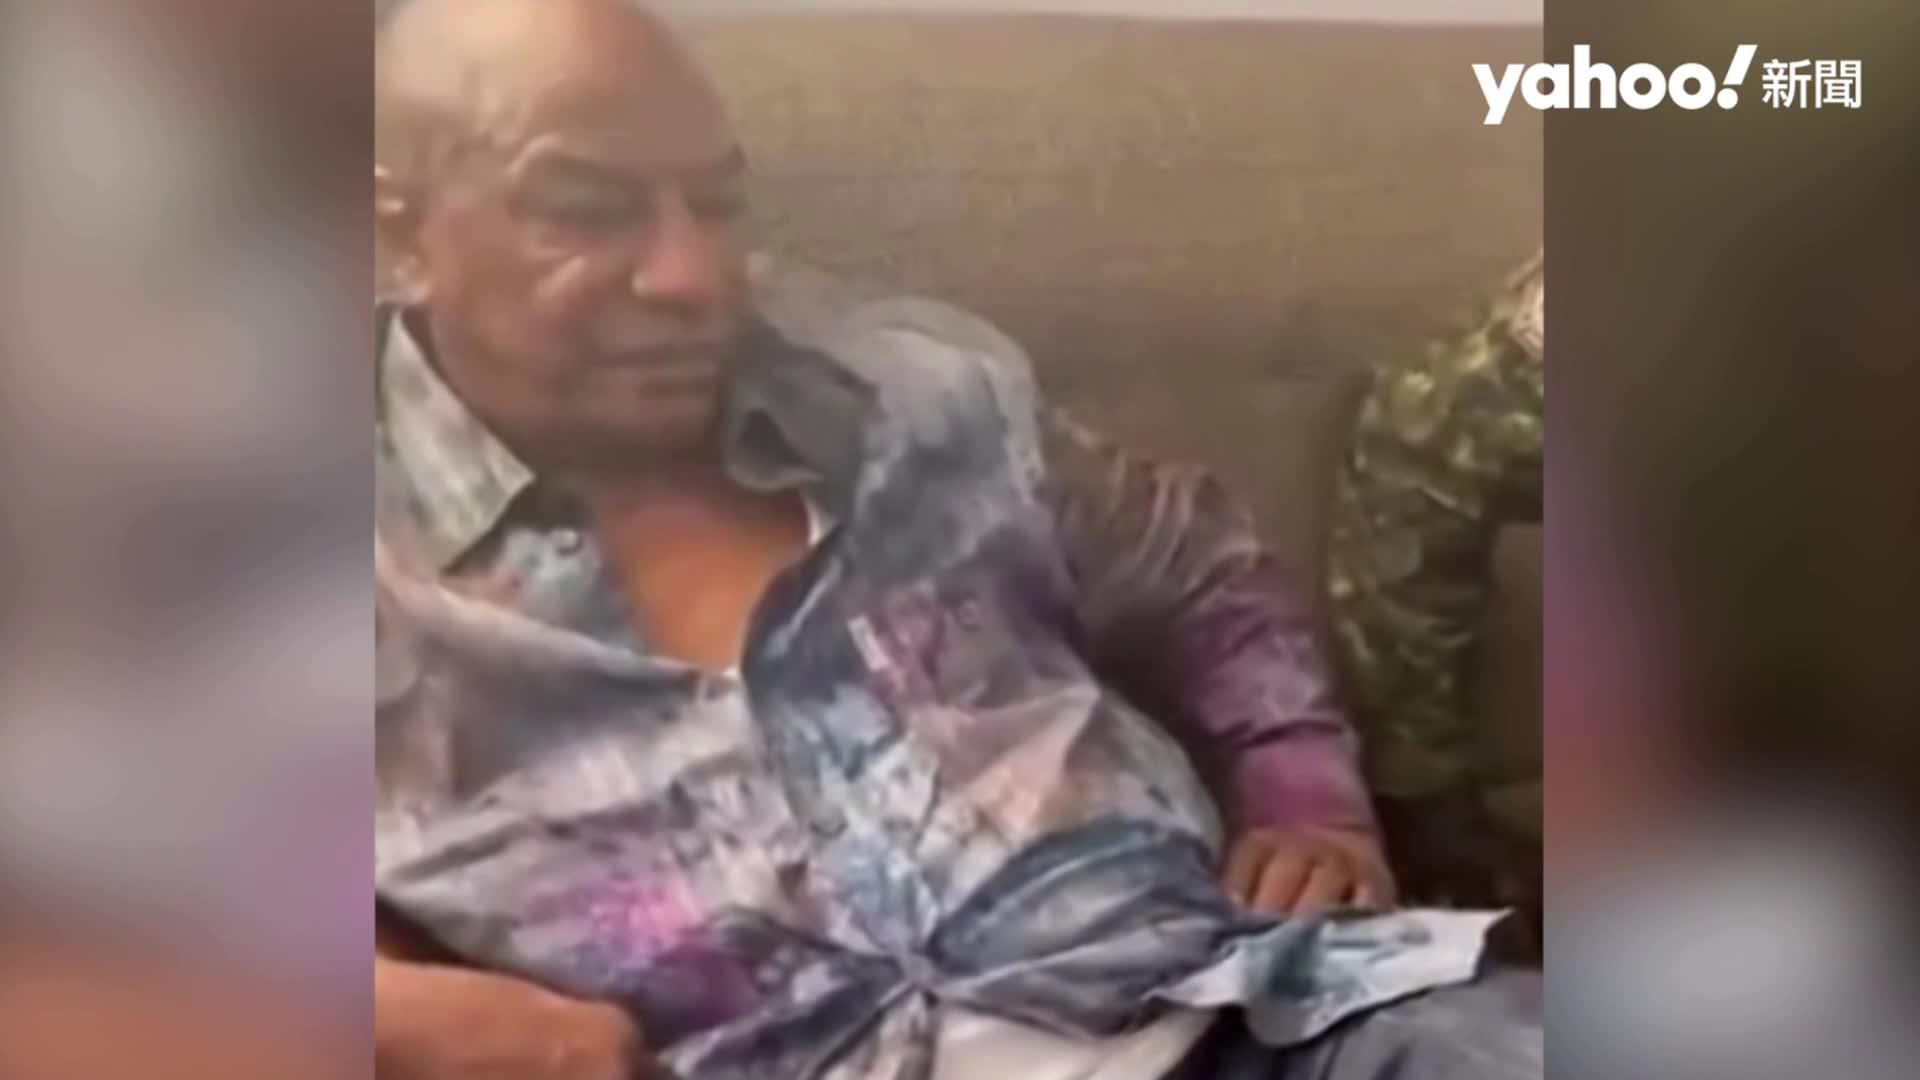 疑幾內亞總統遭挾持影片瘋傳 叛軍稱解散政府民眾街頭慶祝